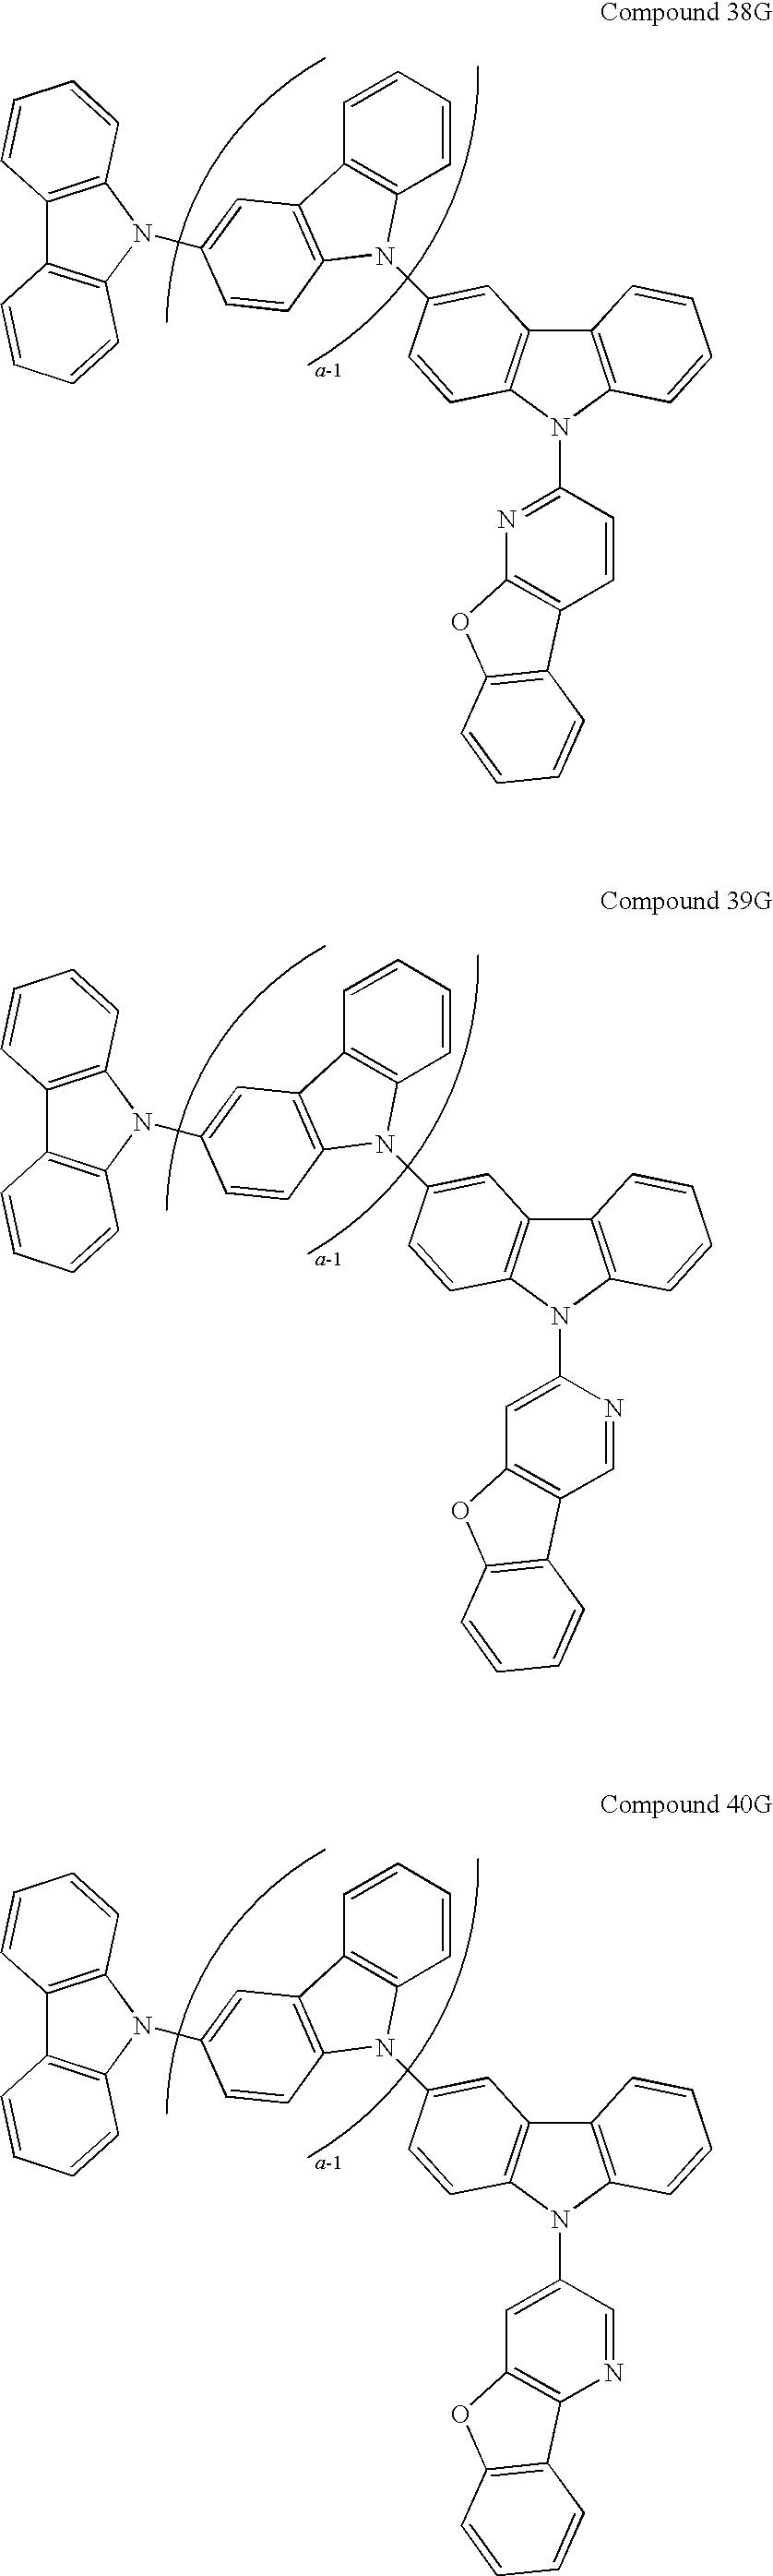 Figure US20090134784A1-20090528-C00189